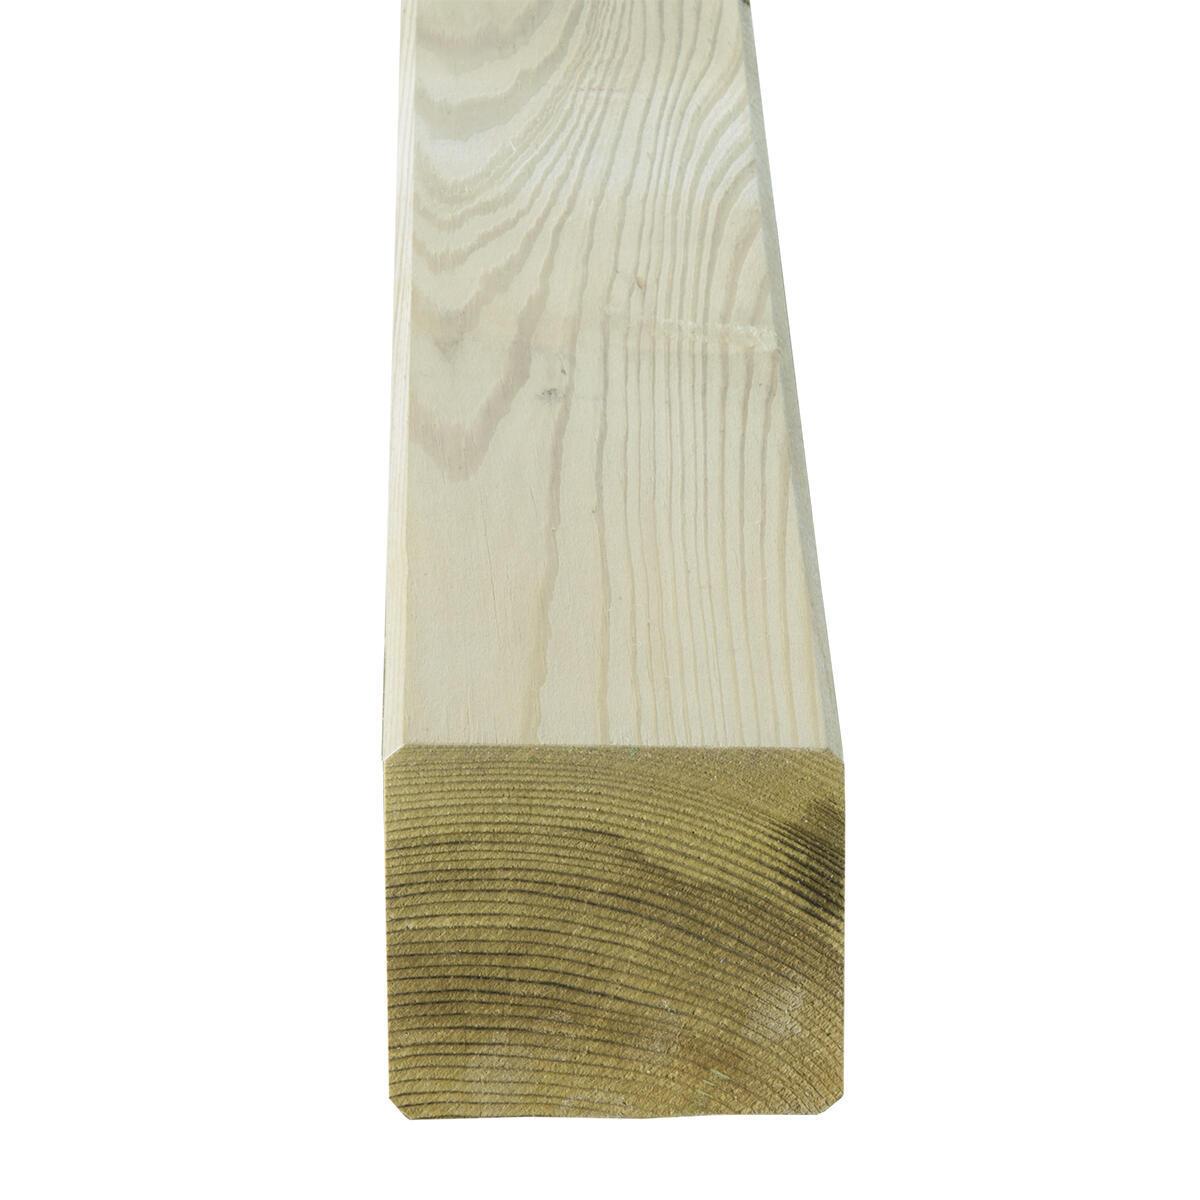 Palo in pino naturale Sp 9 x L 9 x H 240 cm - 2